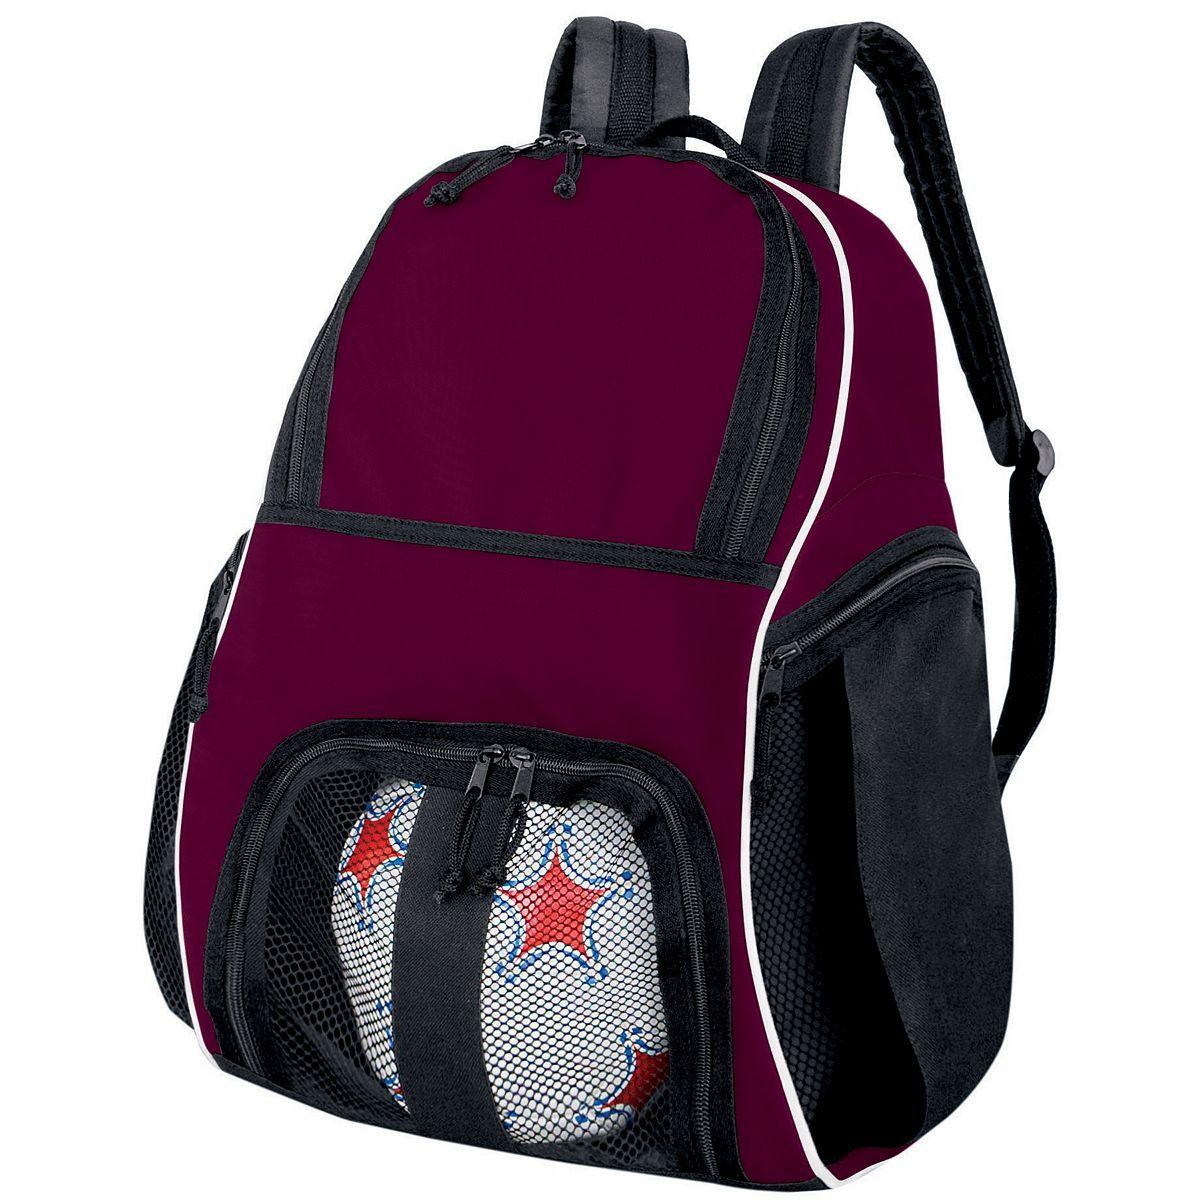 Backpack - MAROON/BLACK/WHITE